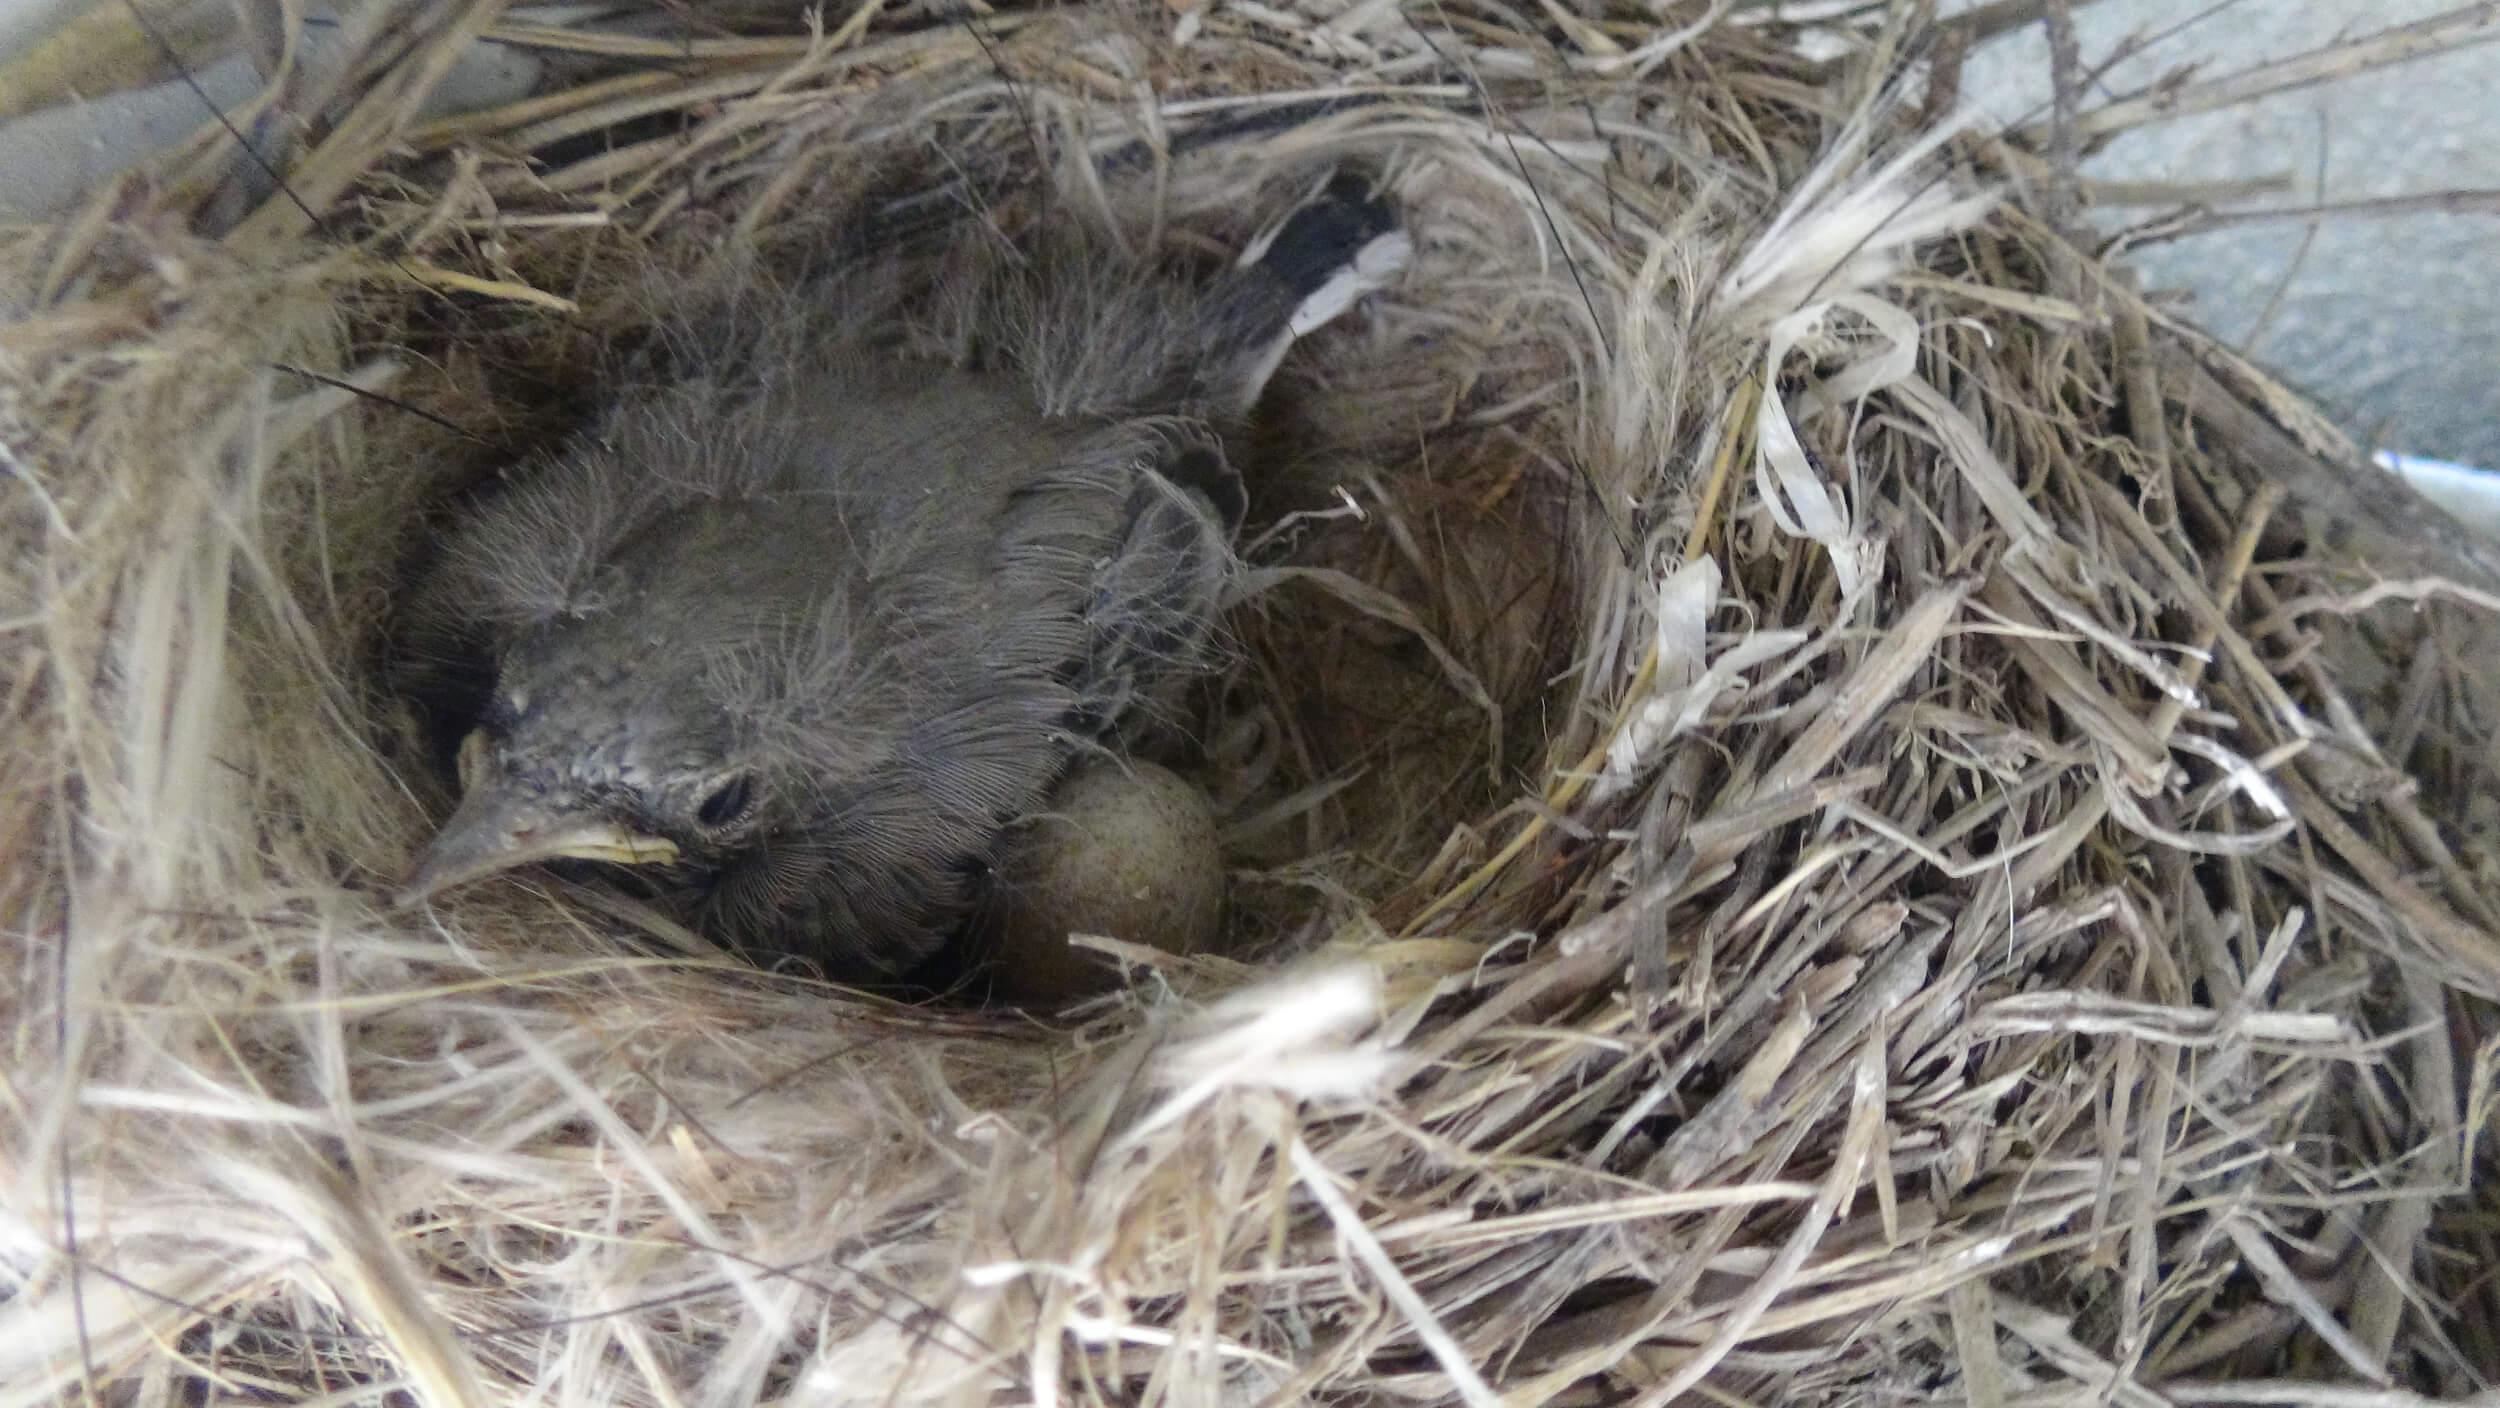 çalıştırılmayan mikserin içerisindeki kuş yuvasının resmi